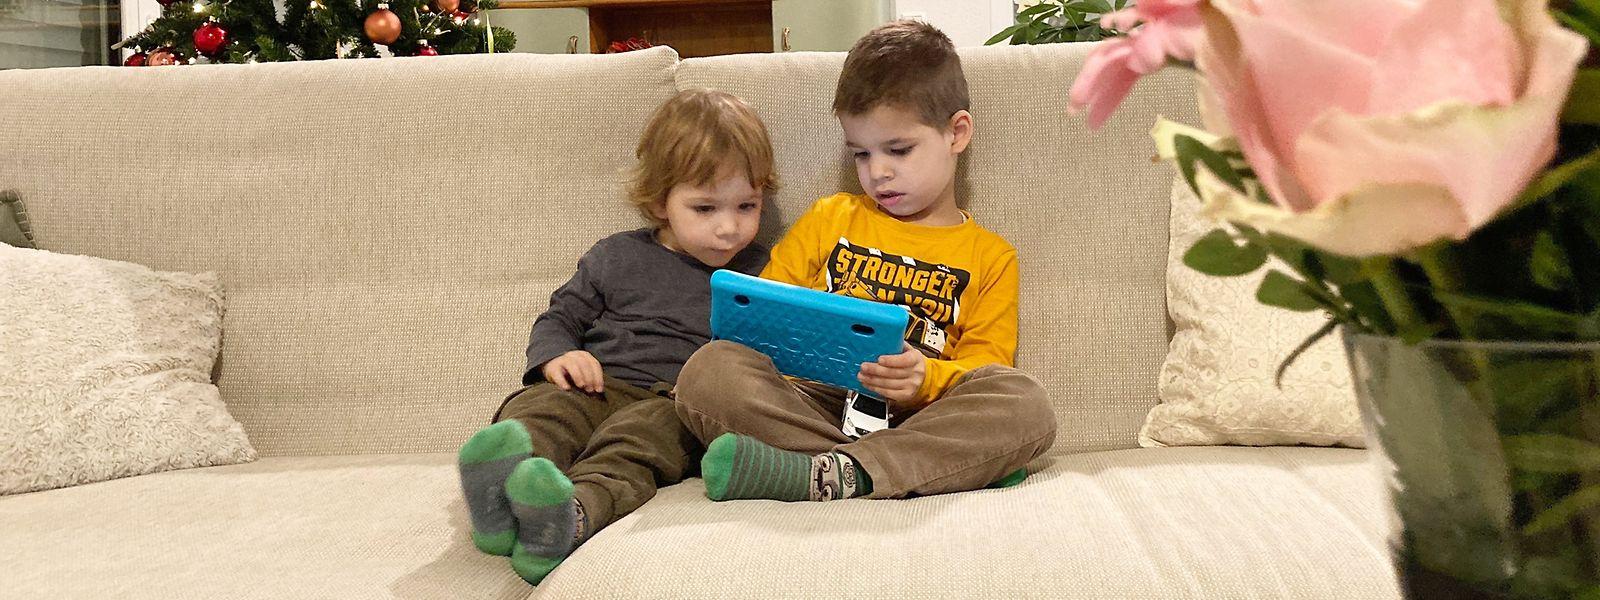 Platz für Experimente: Auf spielerische Art lernen Kinder mit Tablets die digitale Welt kennen.